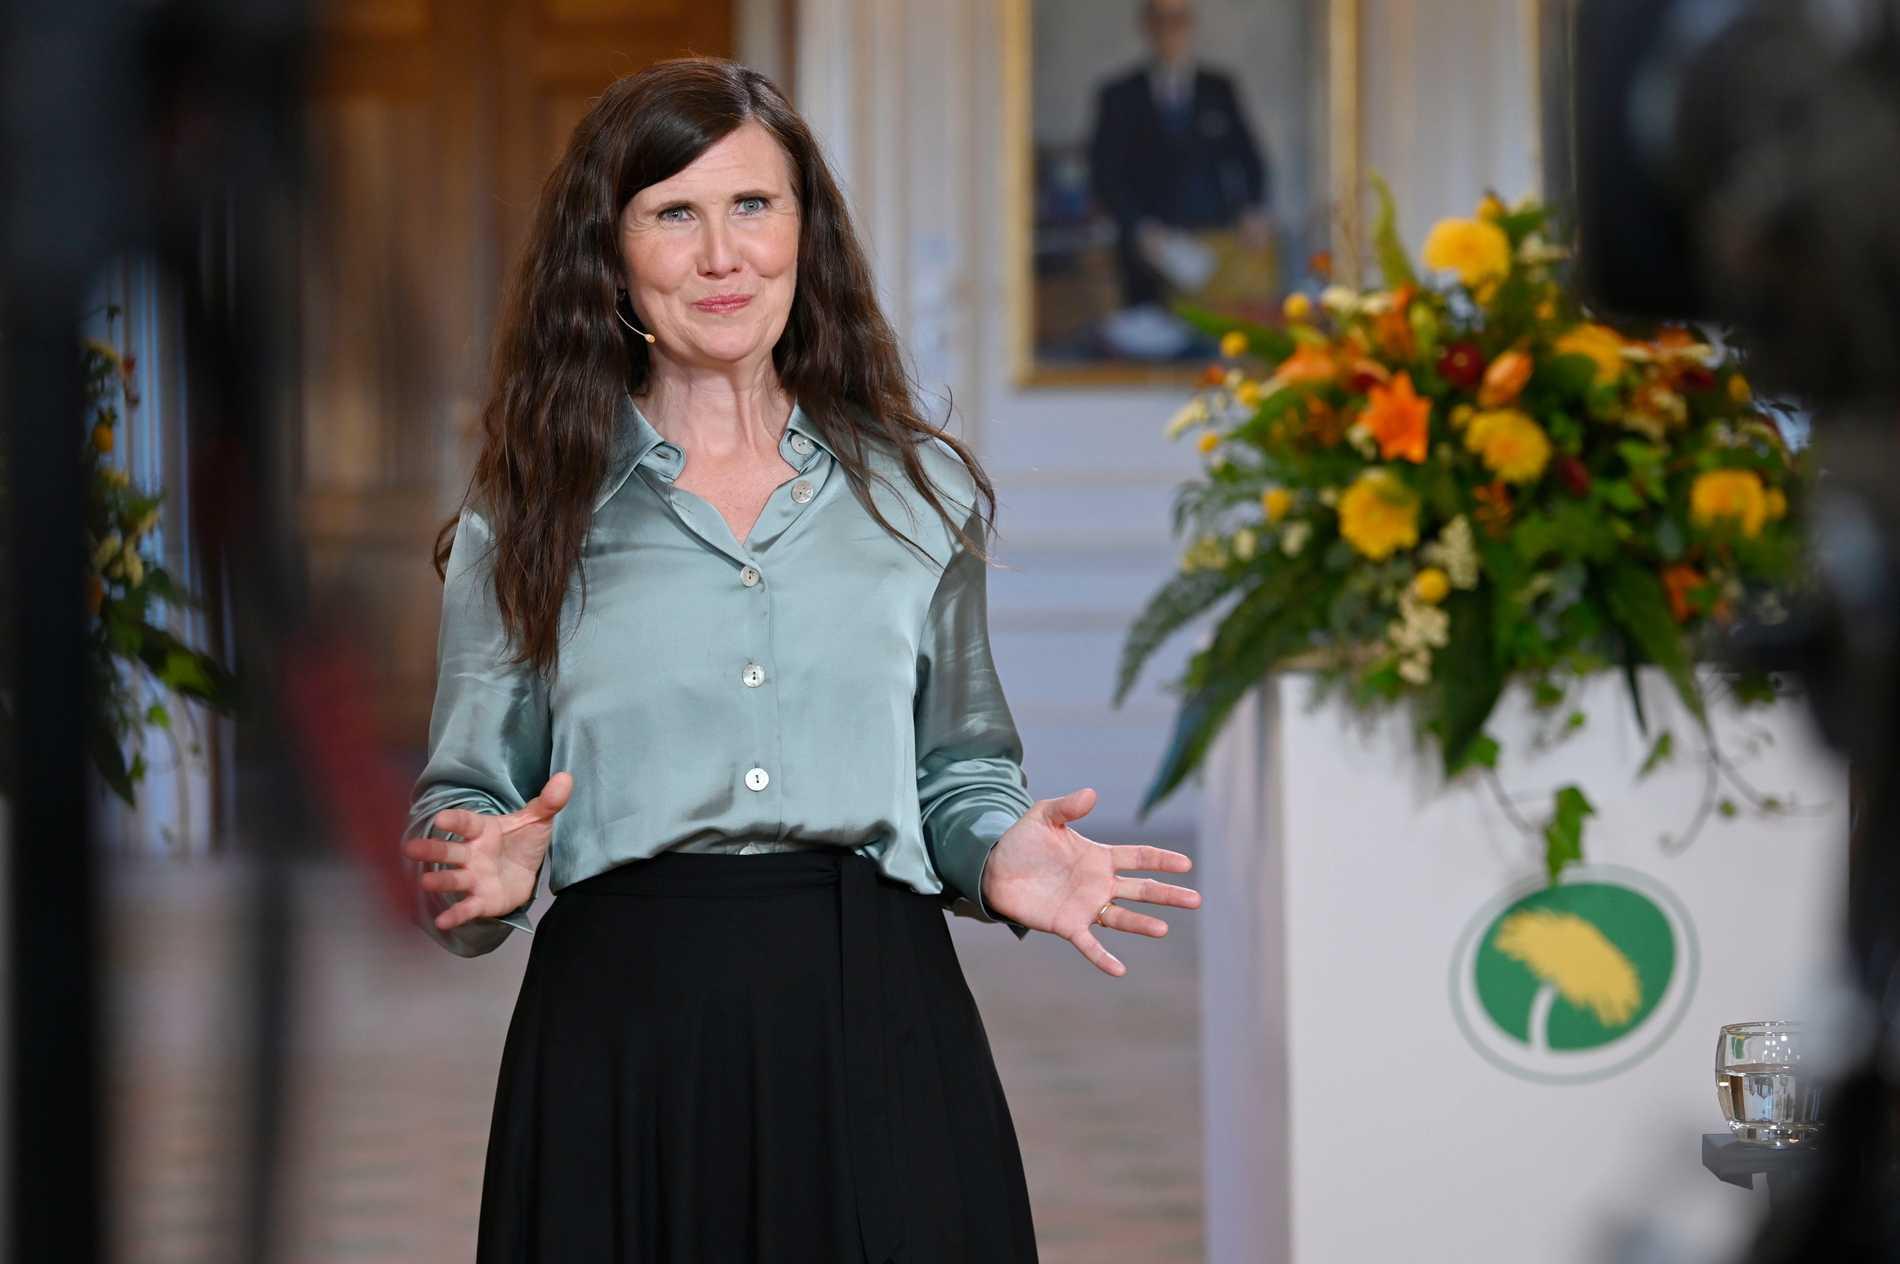 Miljöpartiets språkrör Märta Stenevi under sitt tal på Almedalsveckan.